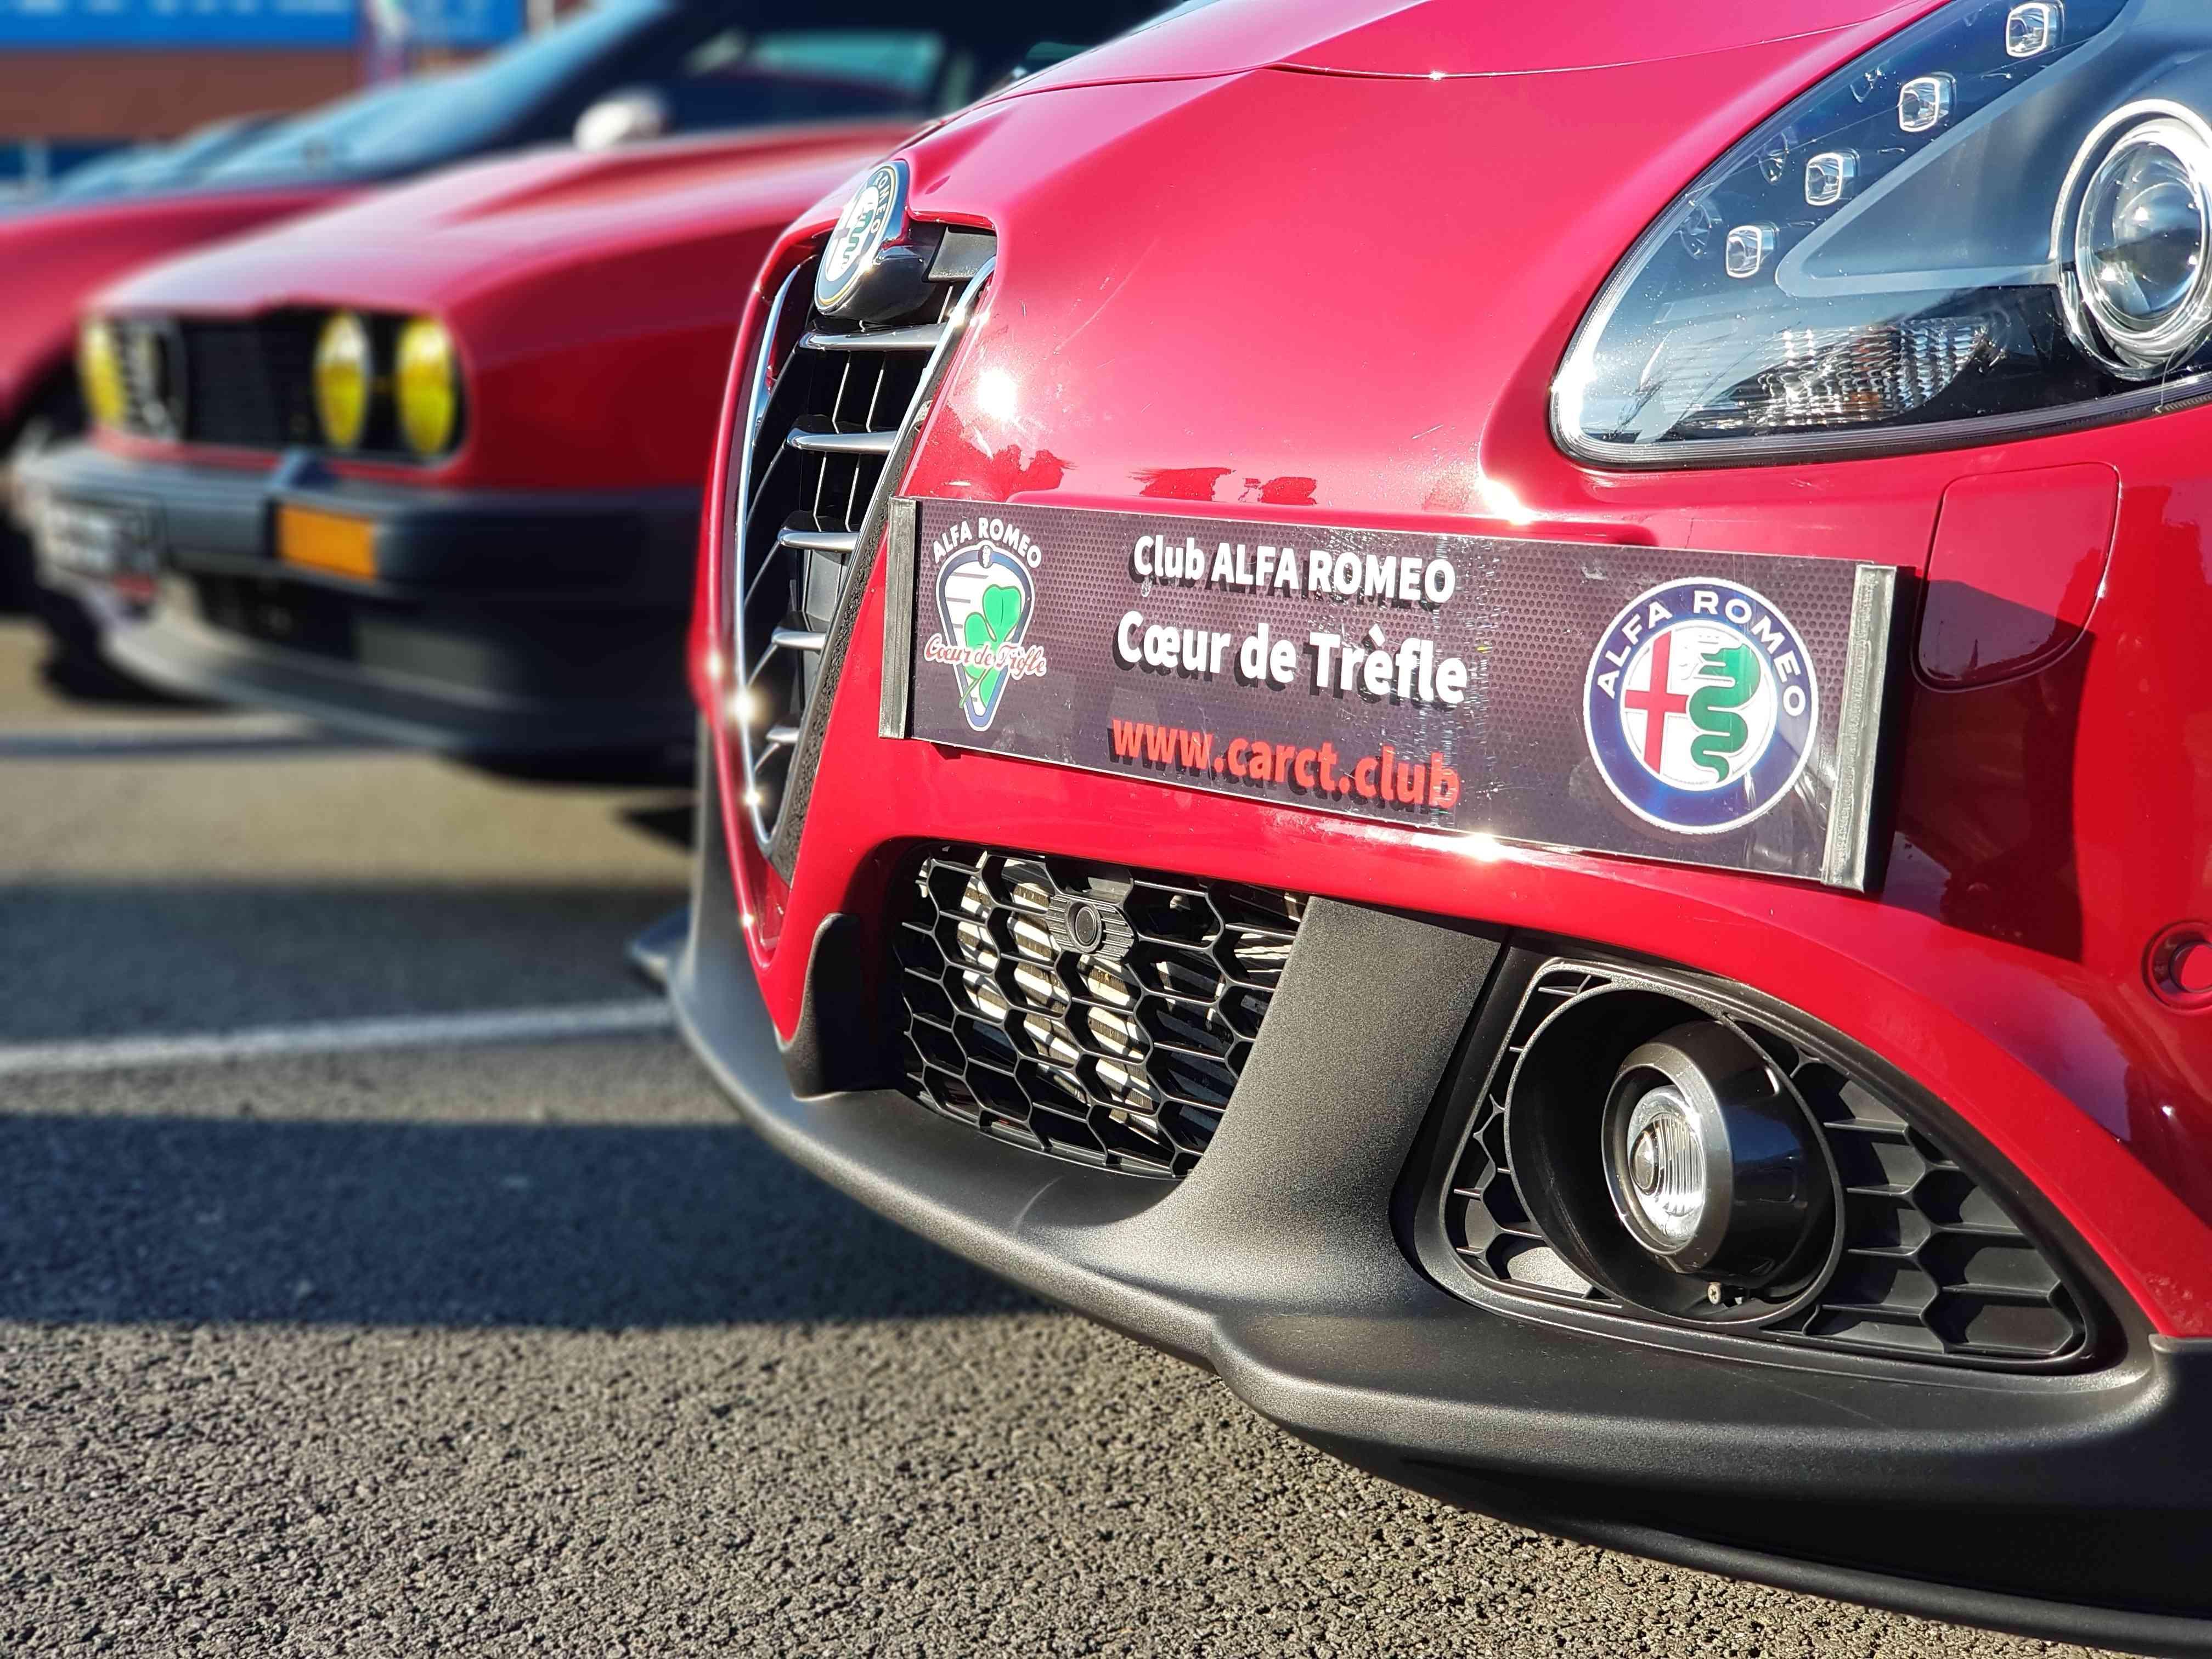 Club Alfa Romeo Cœur de Trèfle | Saverne France | visite virtuelle 360 3D VR